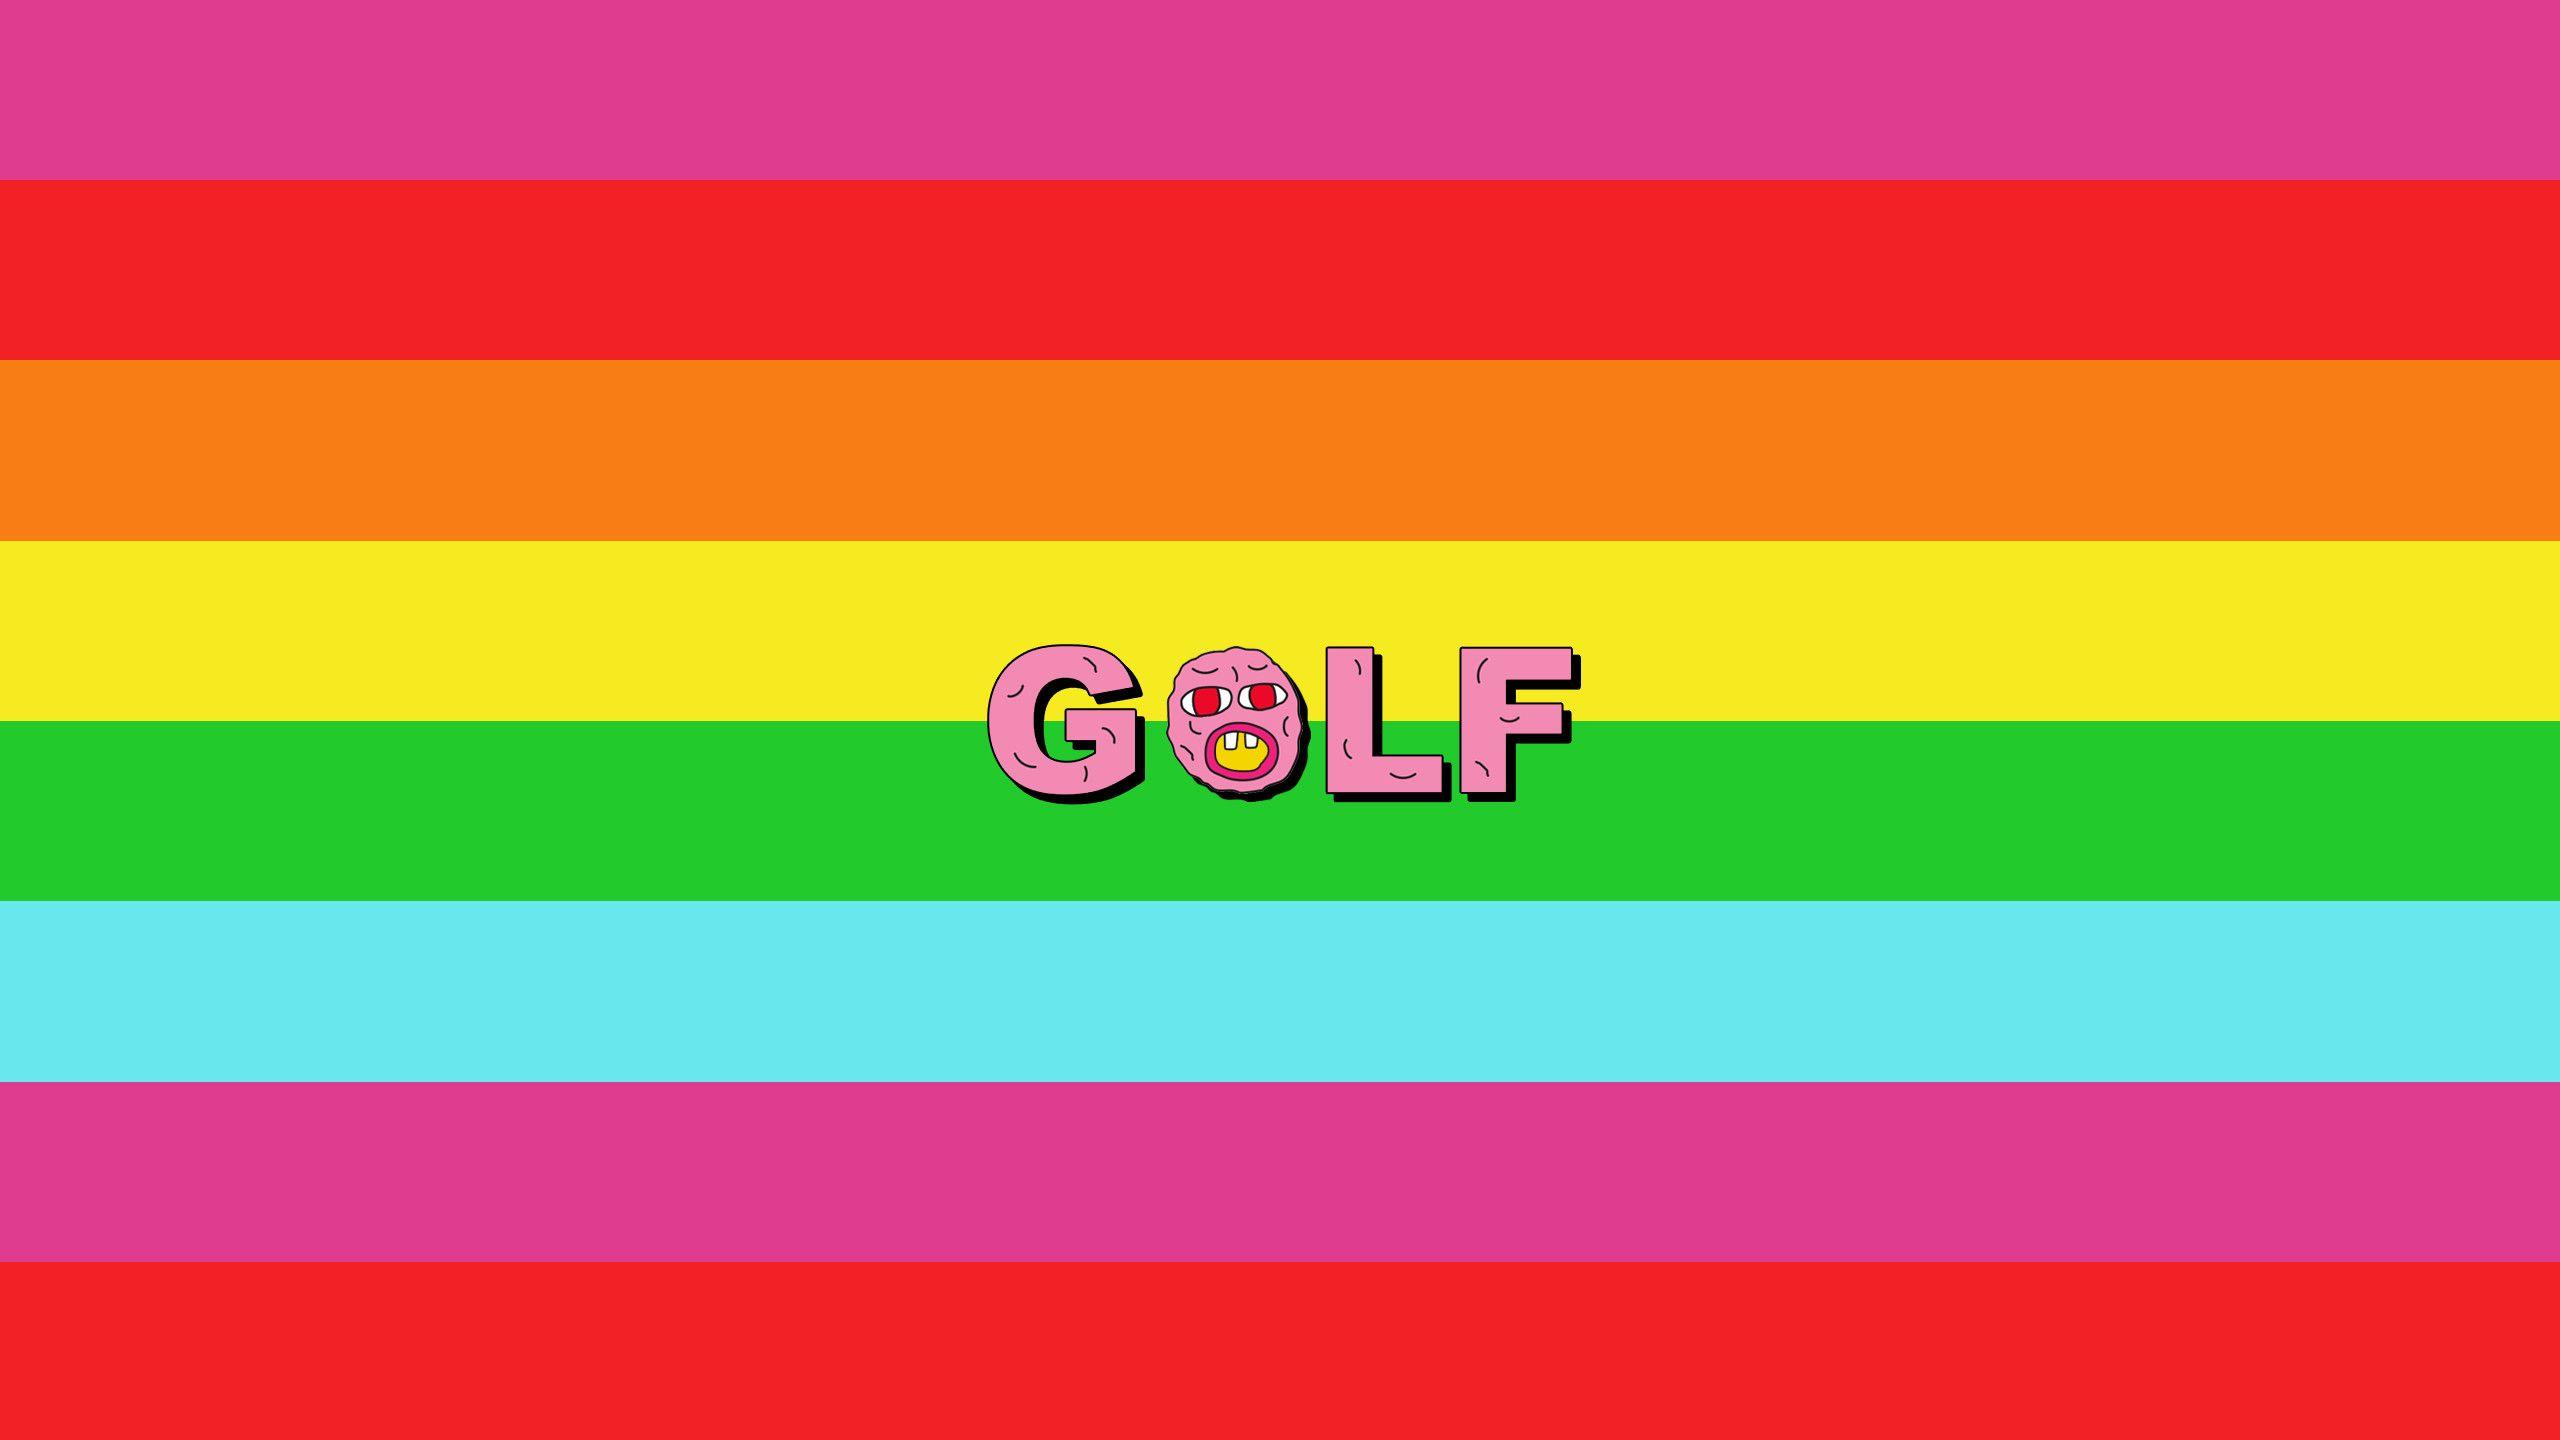 2560x1440 Golf Wang Wallpaper Hd Made Some Chery Bomb Themed Desktop Wallpapers Golf Wang Tyler The Creator Wallpaper Golf